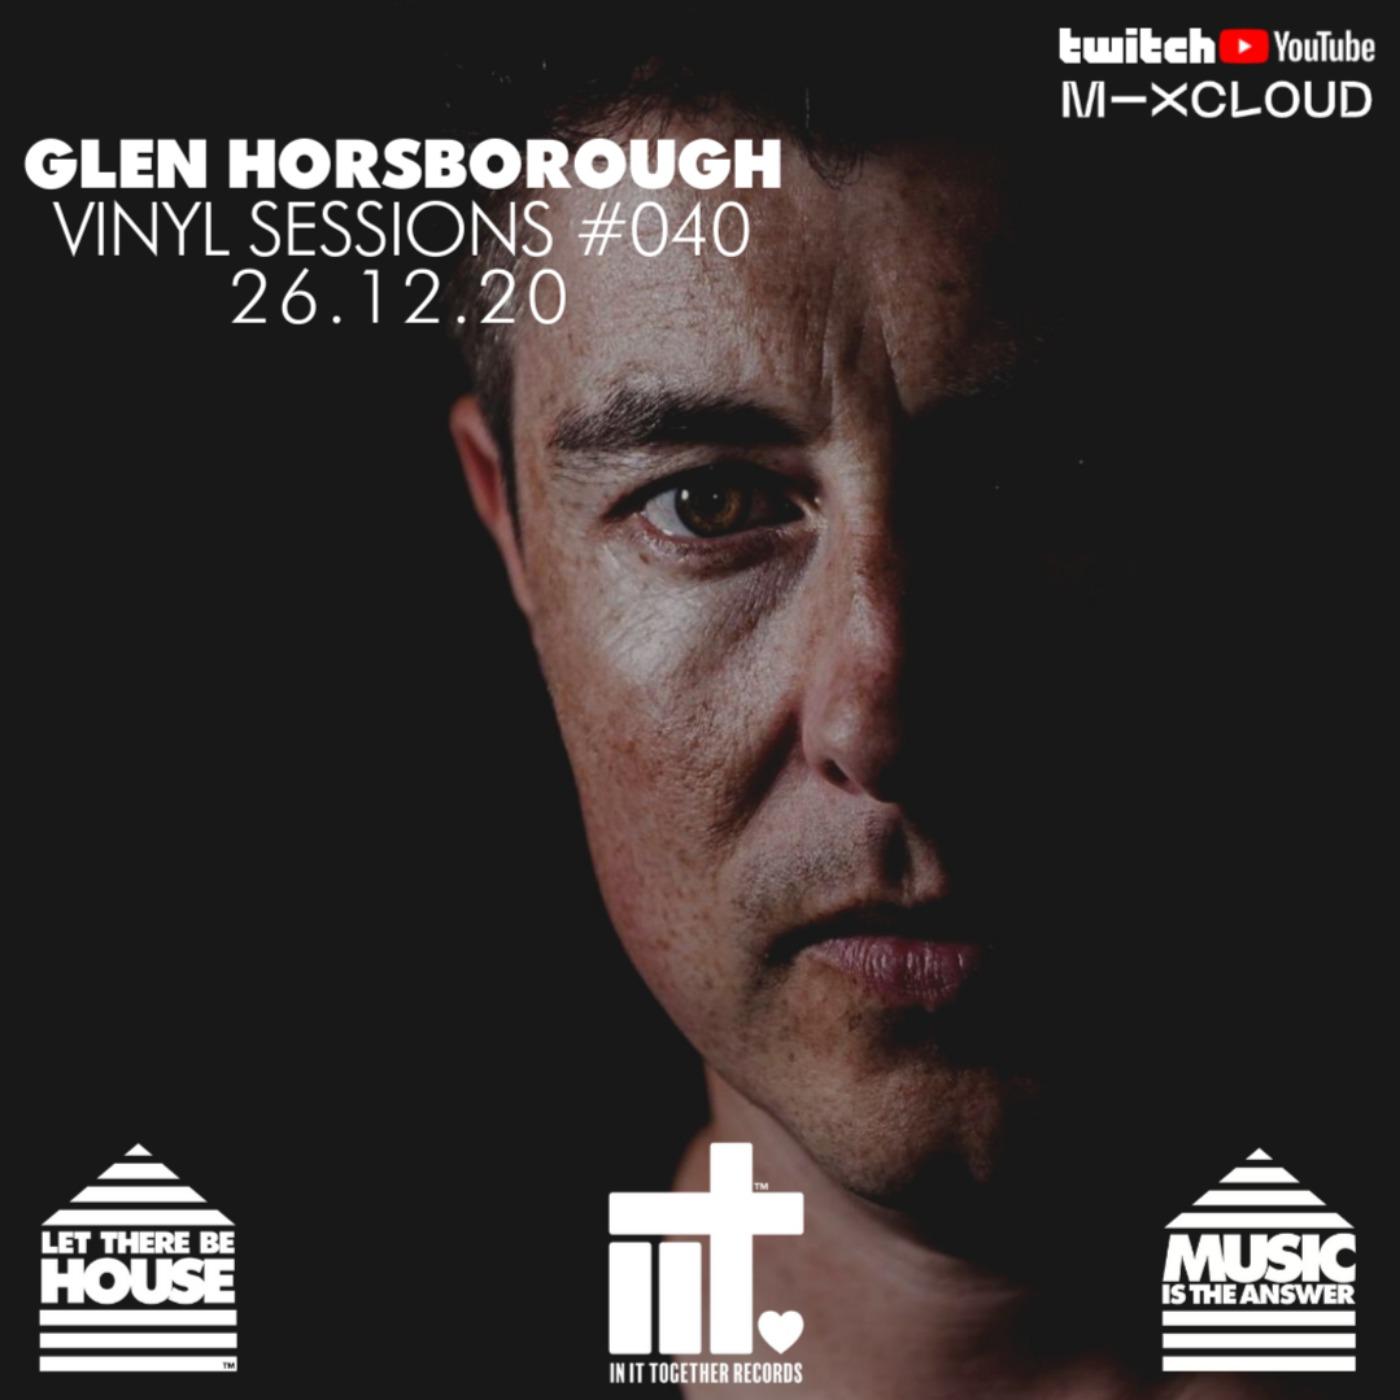 Glen Horsborough Vinyl Sessions #040